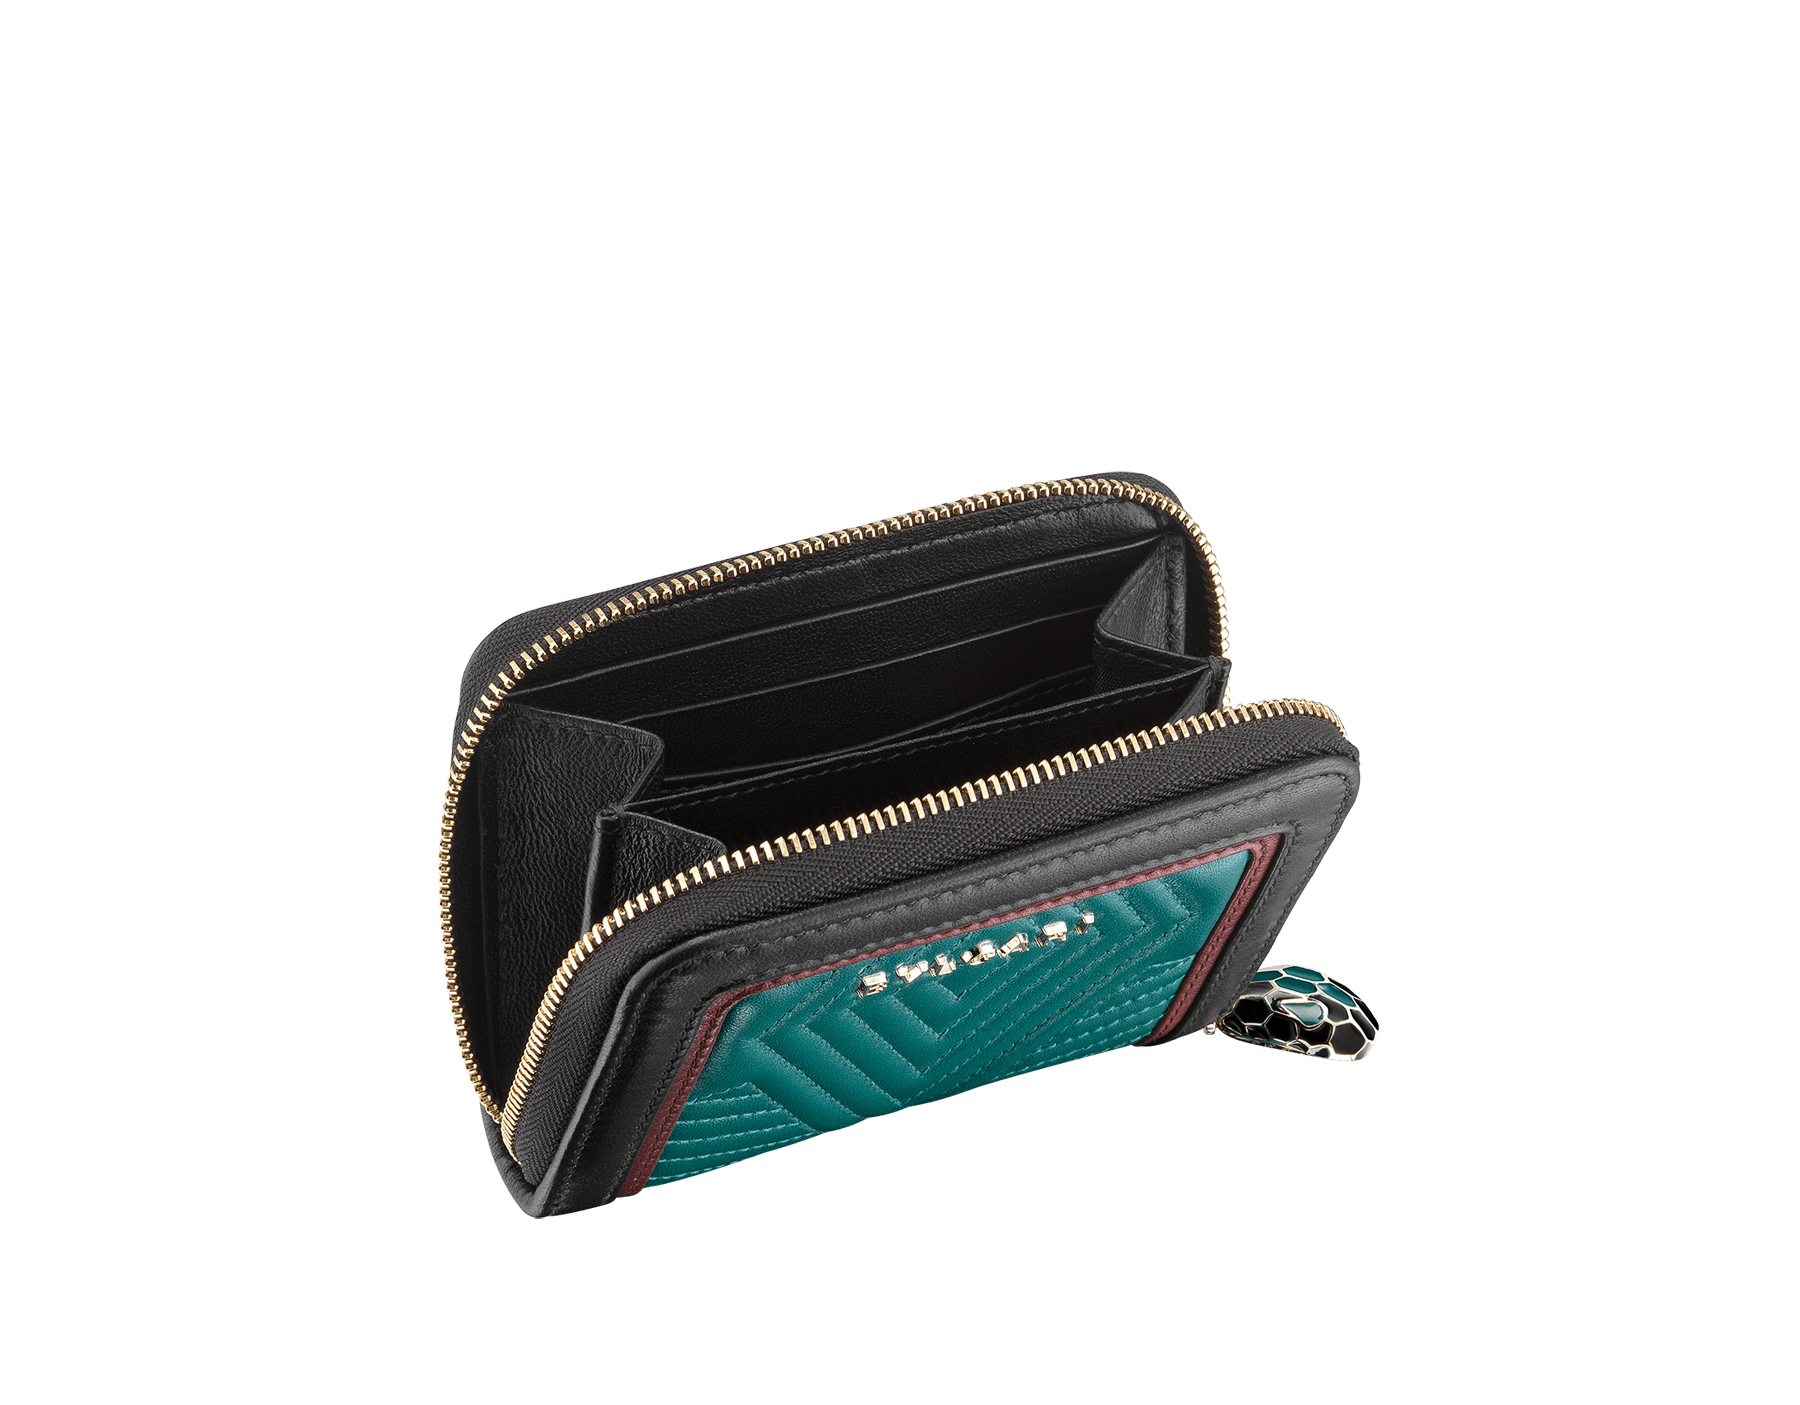 Serpenti Diamond Blast mini zipped wallet in deep jade quilted nappa leather. Iconic snakehead zip puller in black and deep jade enamel, with black enamel eyes. 288149 image 2